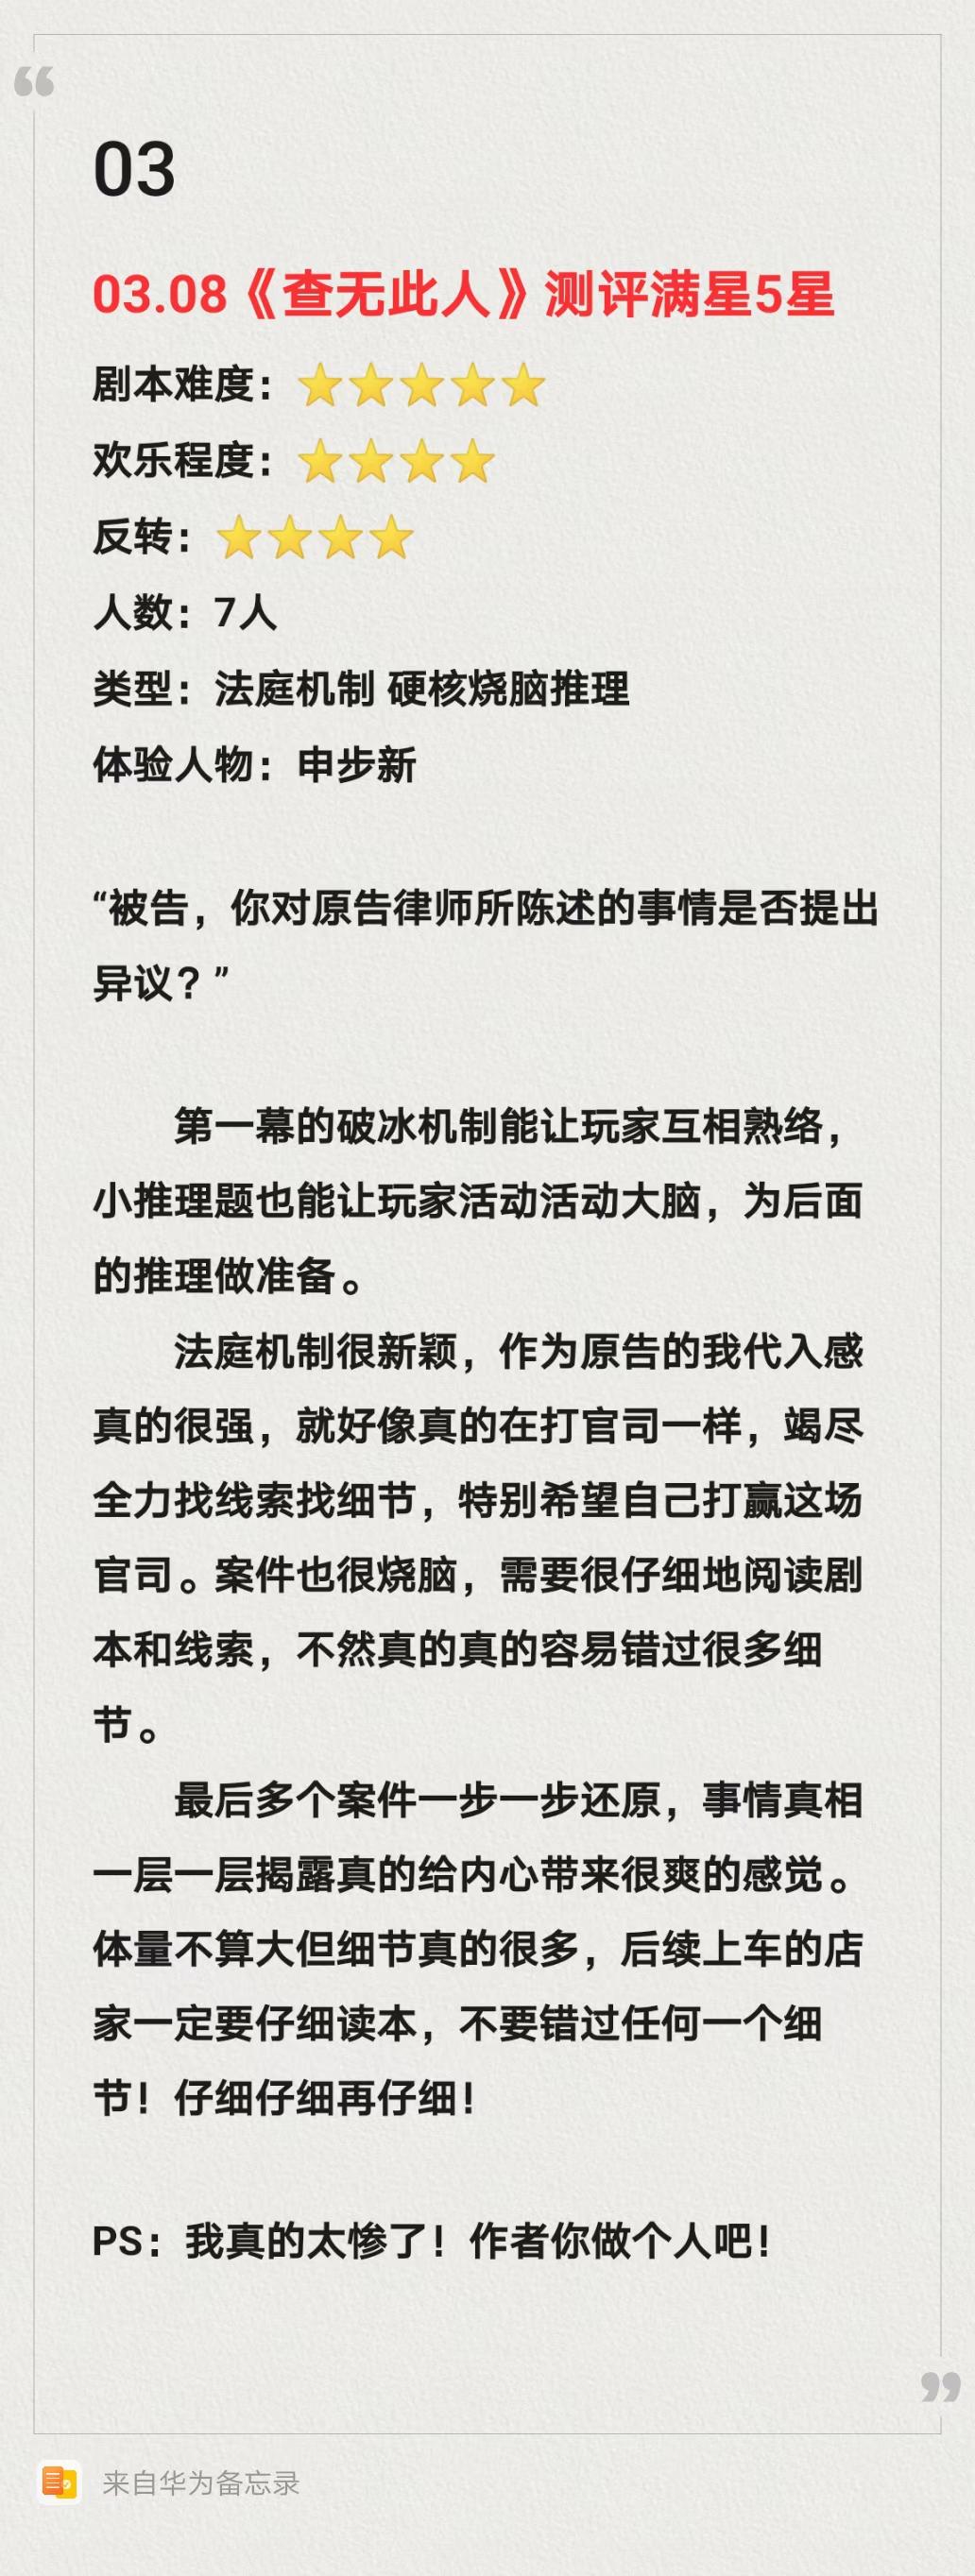 『查无此人』剧本杀复盘/答案揭秘/案件解析/故事结局真相